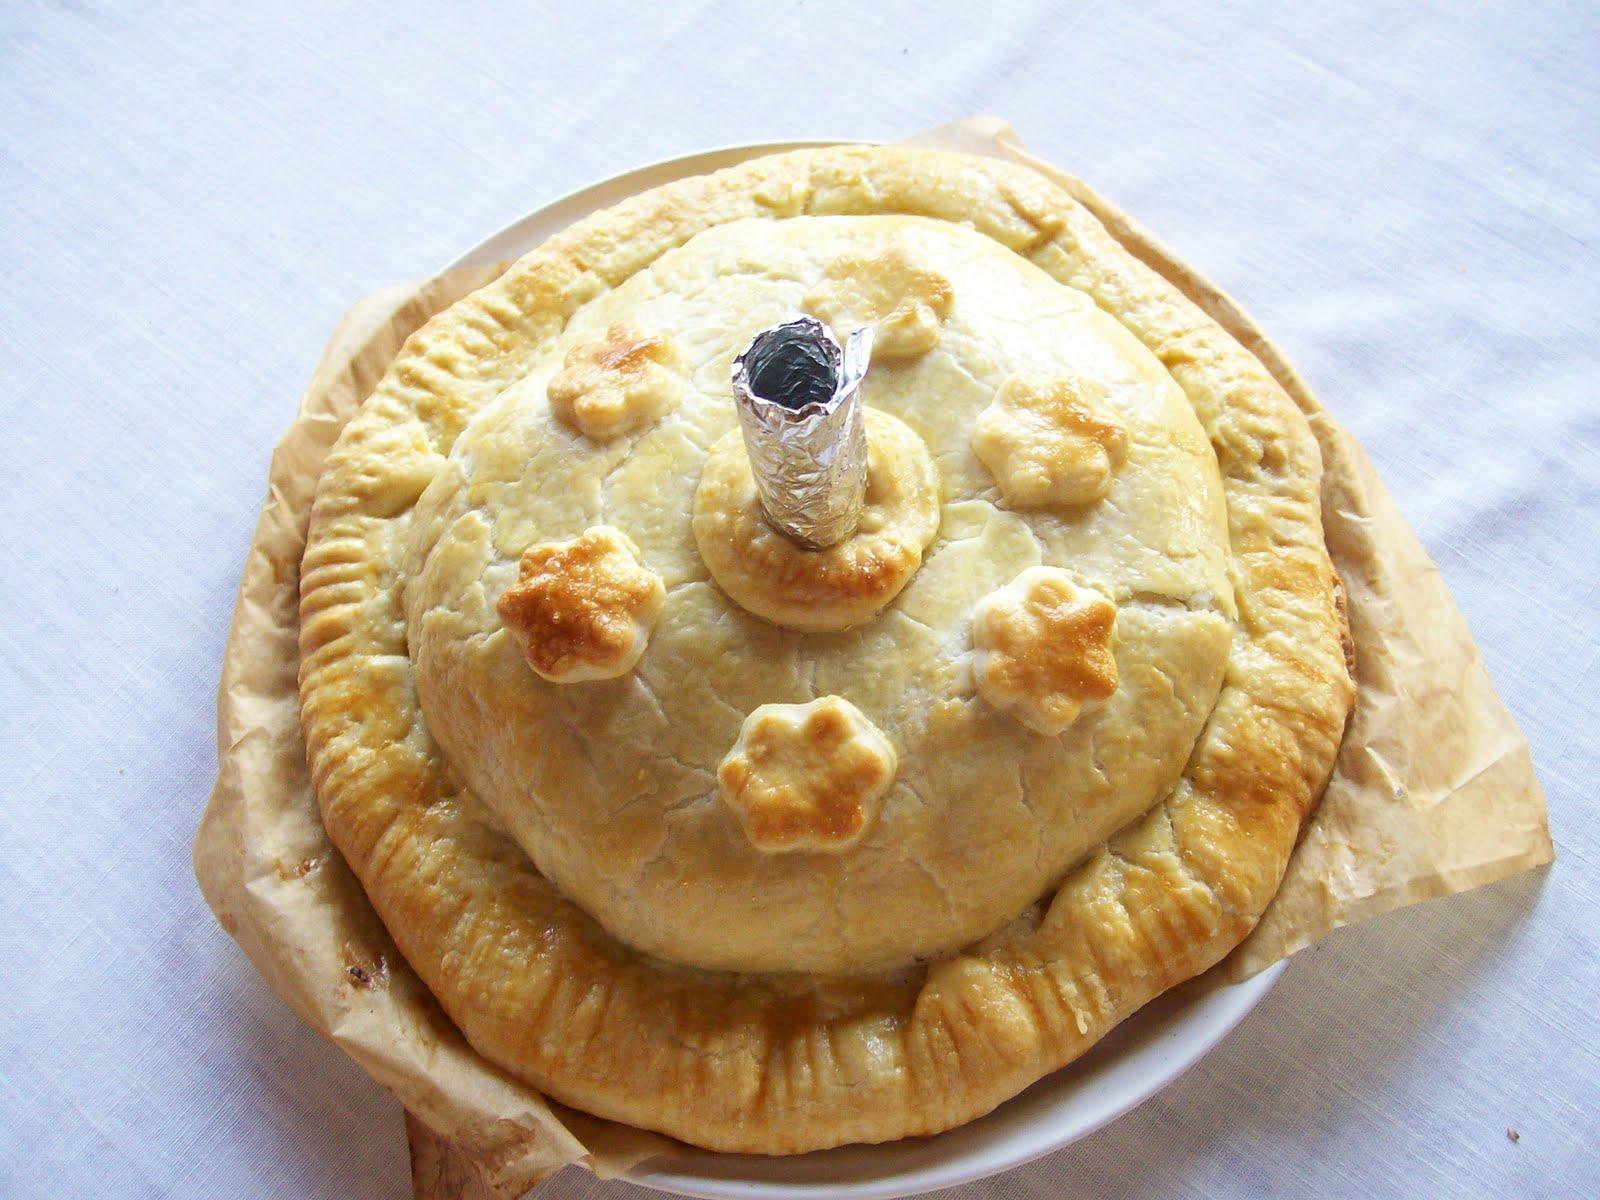 Pork Pie Leaking English Pork Pie